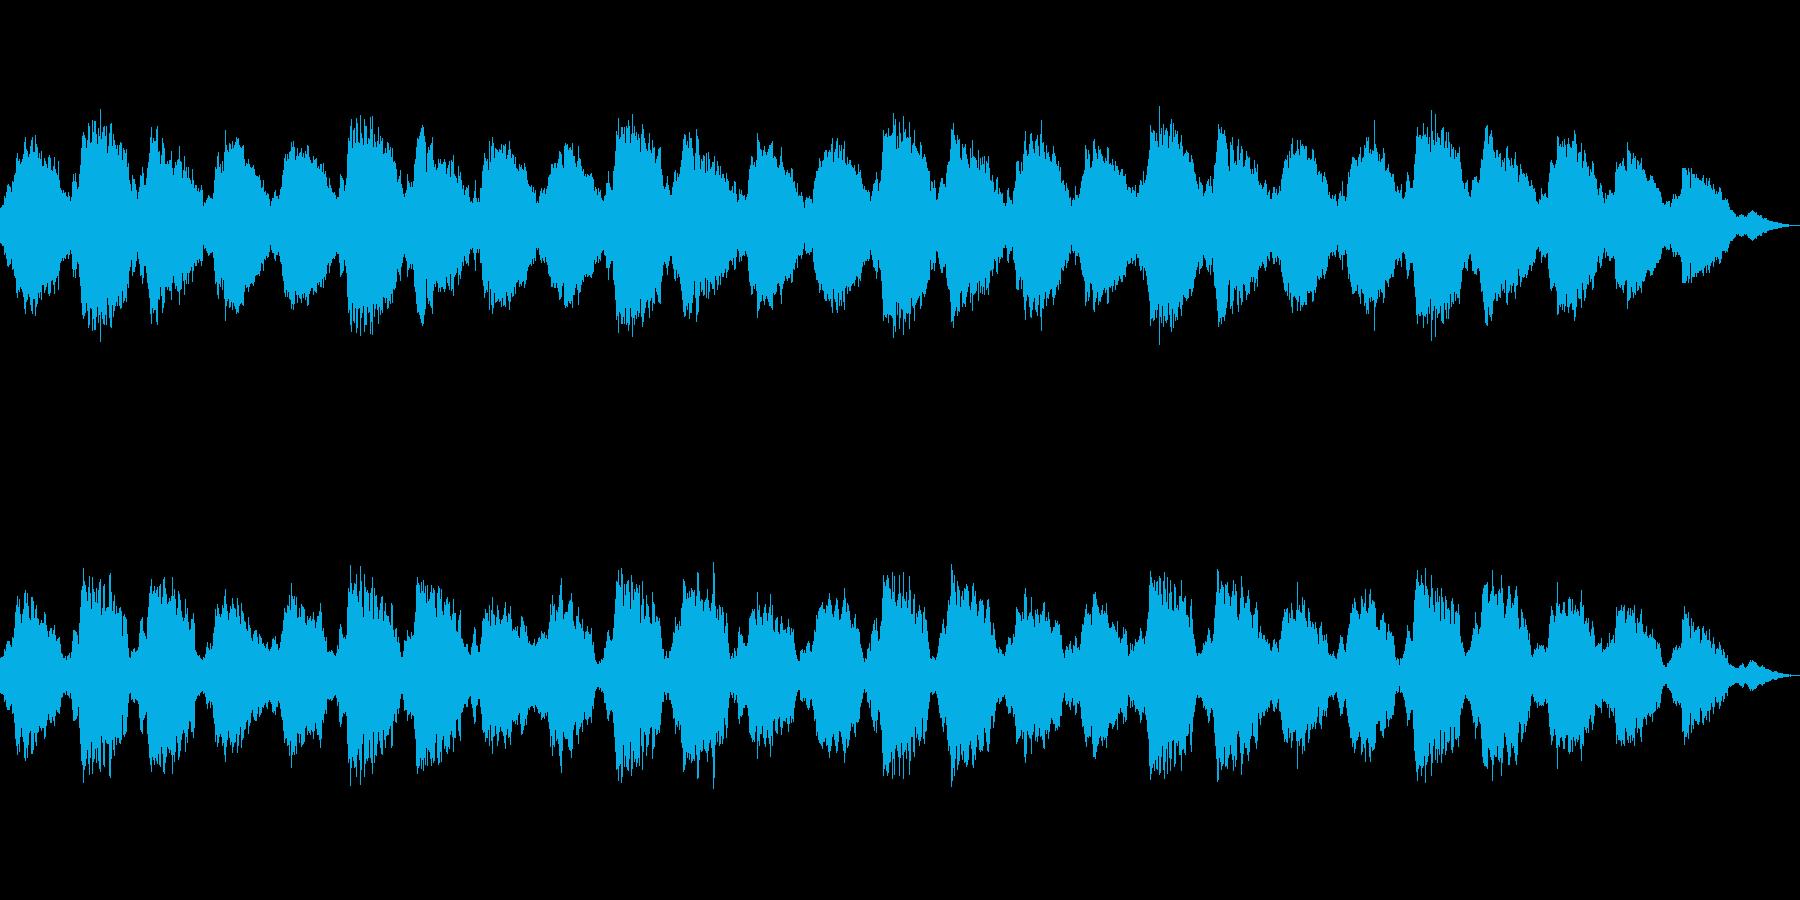 忘却 メモリ削除 人工知能の死 ミニマルの再生済みの波形